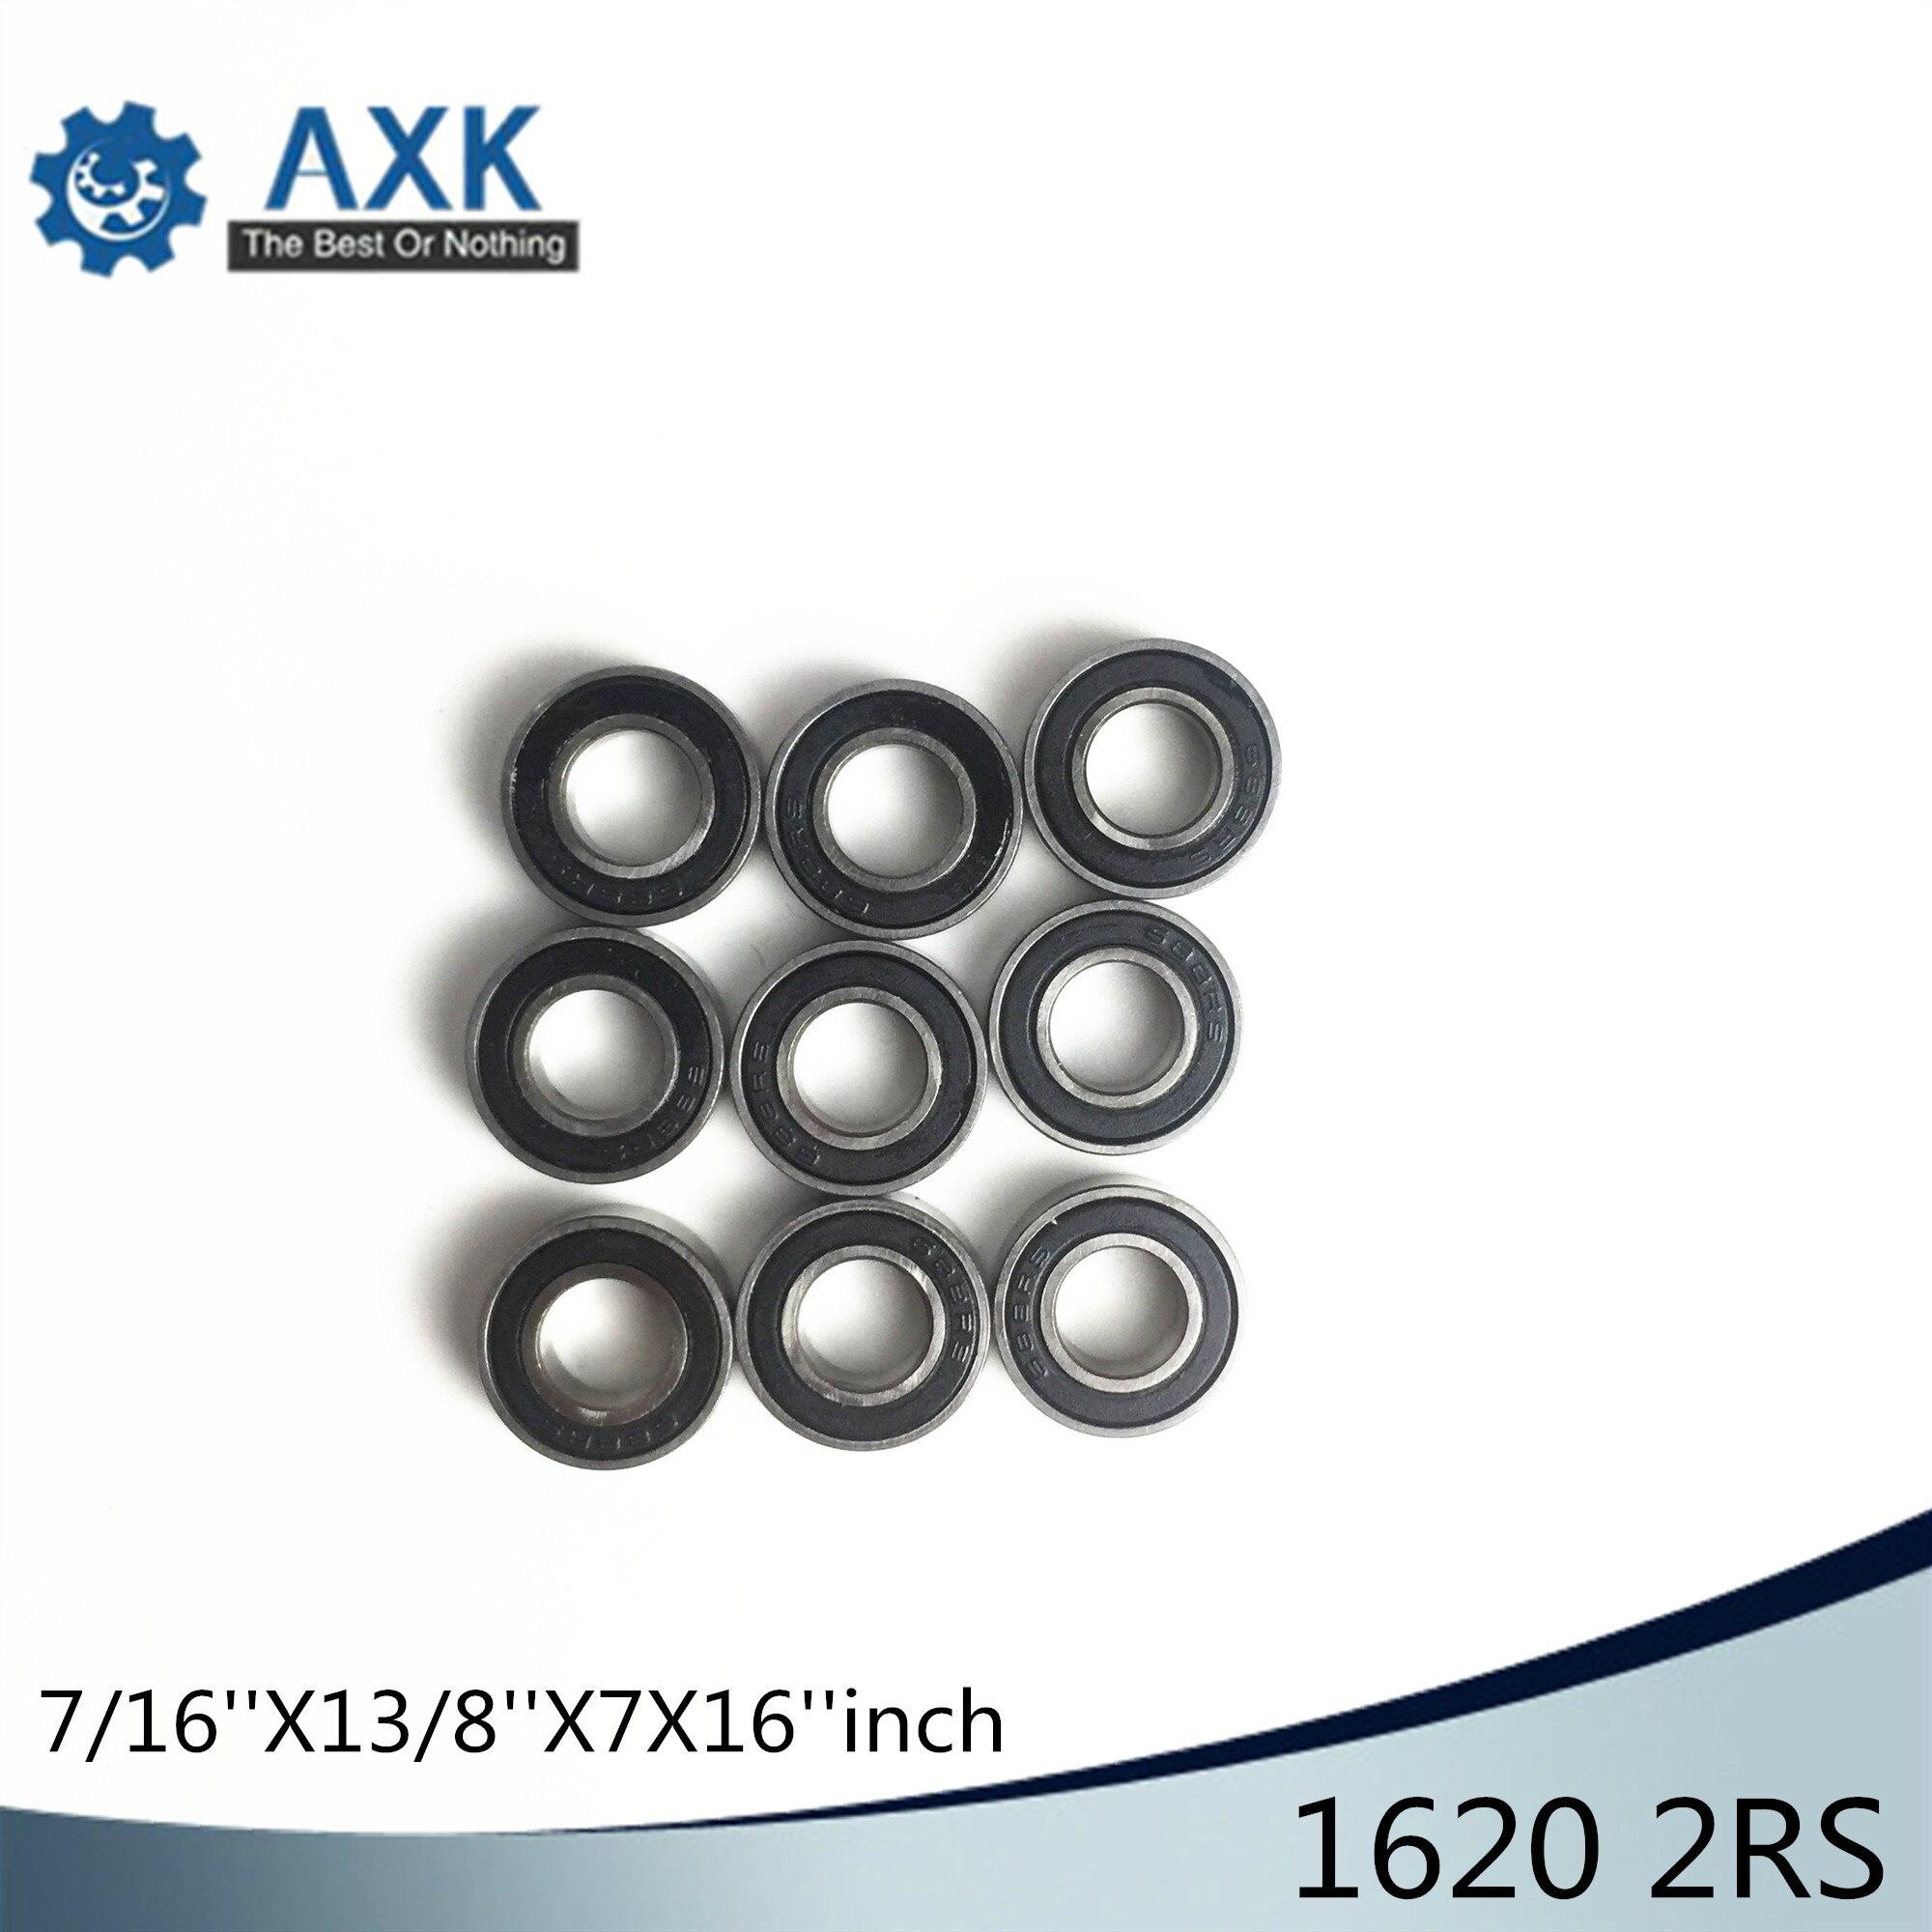 1620 2RS ABEC 1 (10PCS) 7/16x1 3/8x7/16 inch Ball Bearings 11.11mm x 34.93mm x 11.11mm 1620RS